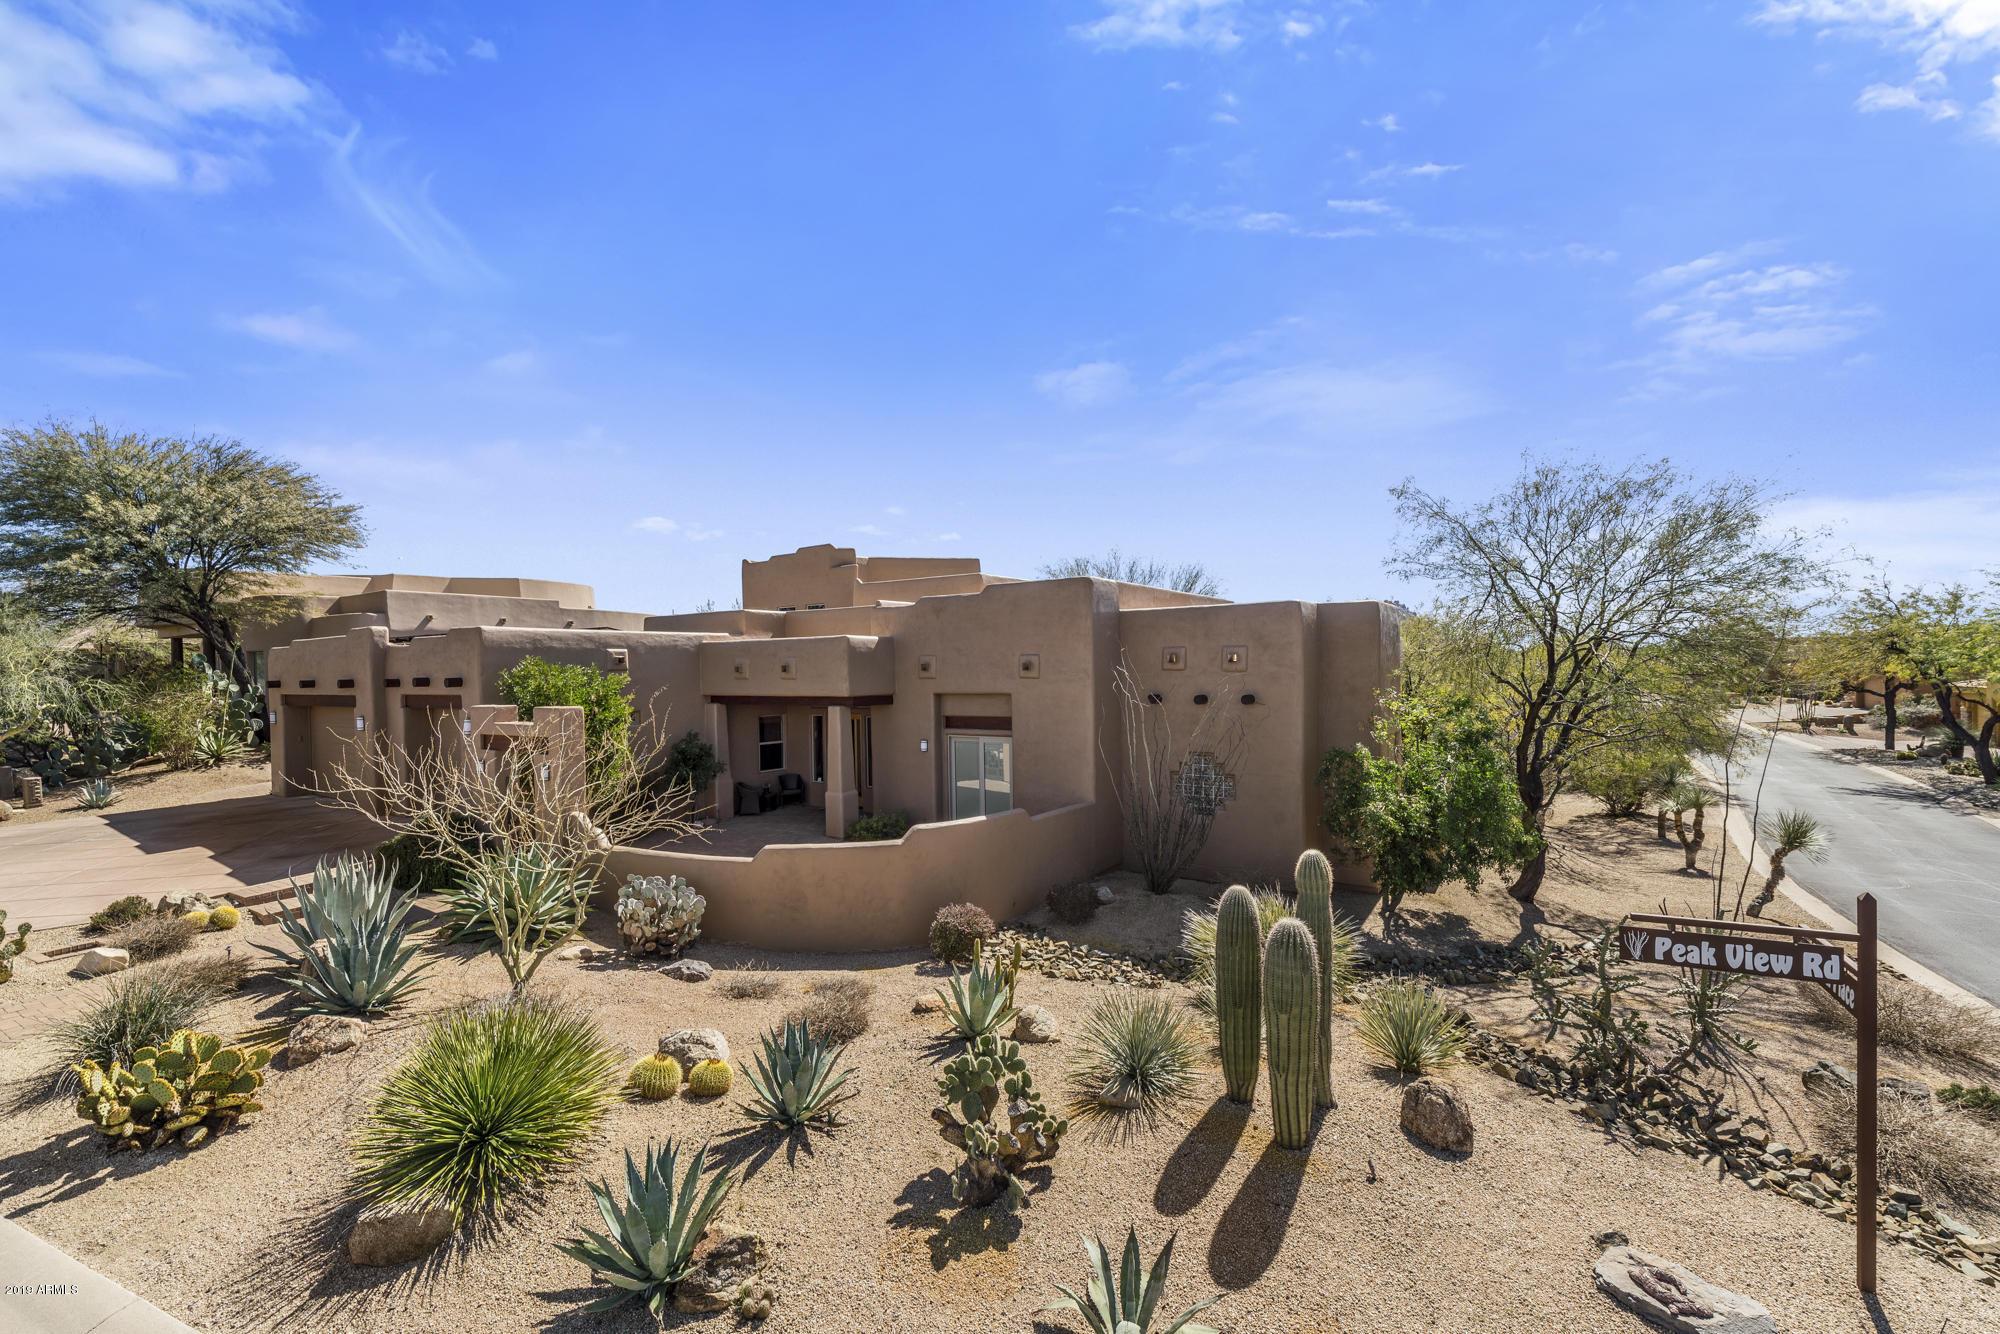 Photo of 10887 E Peak View Road, Scottsdale, AZ 85262